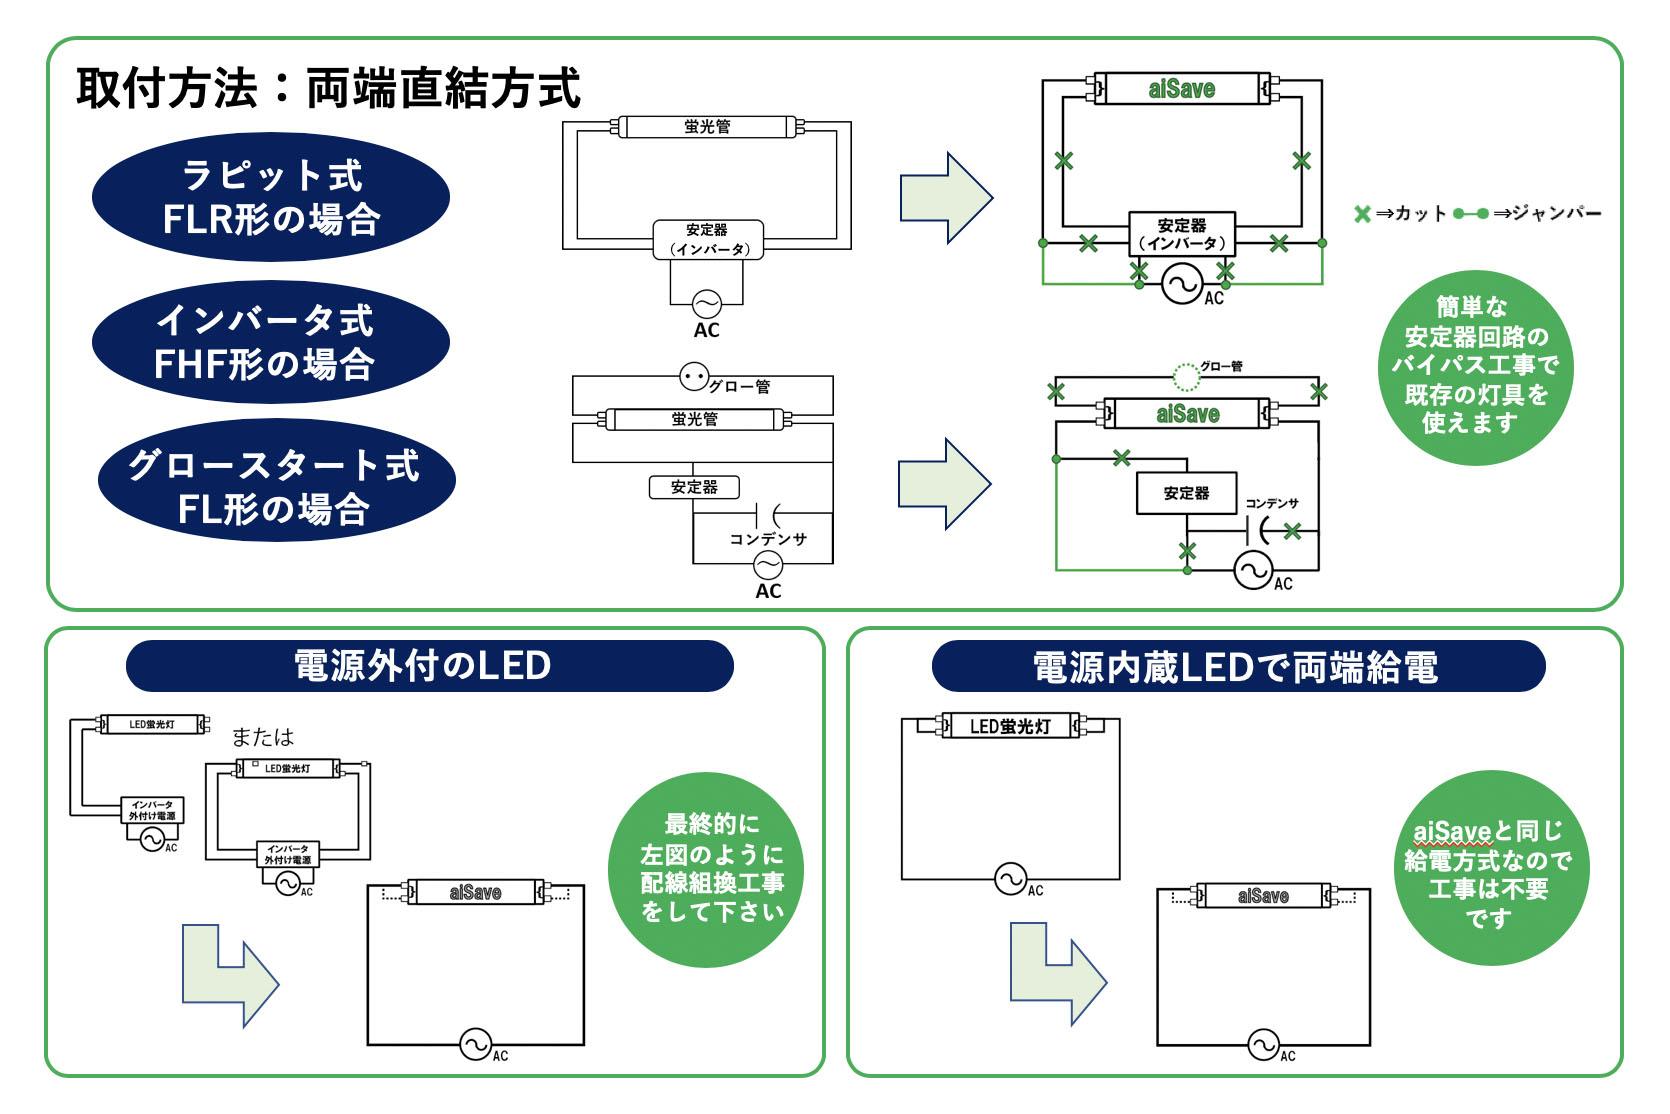 機器レンタル費+アロマ交換+演出設定サポート